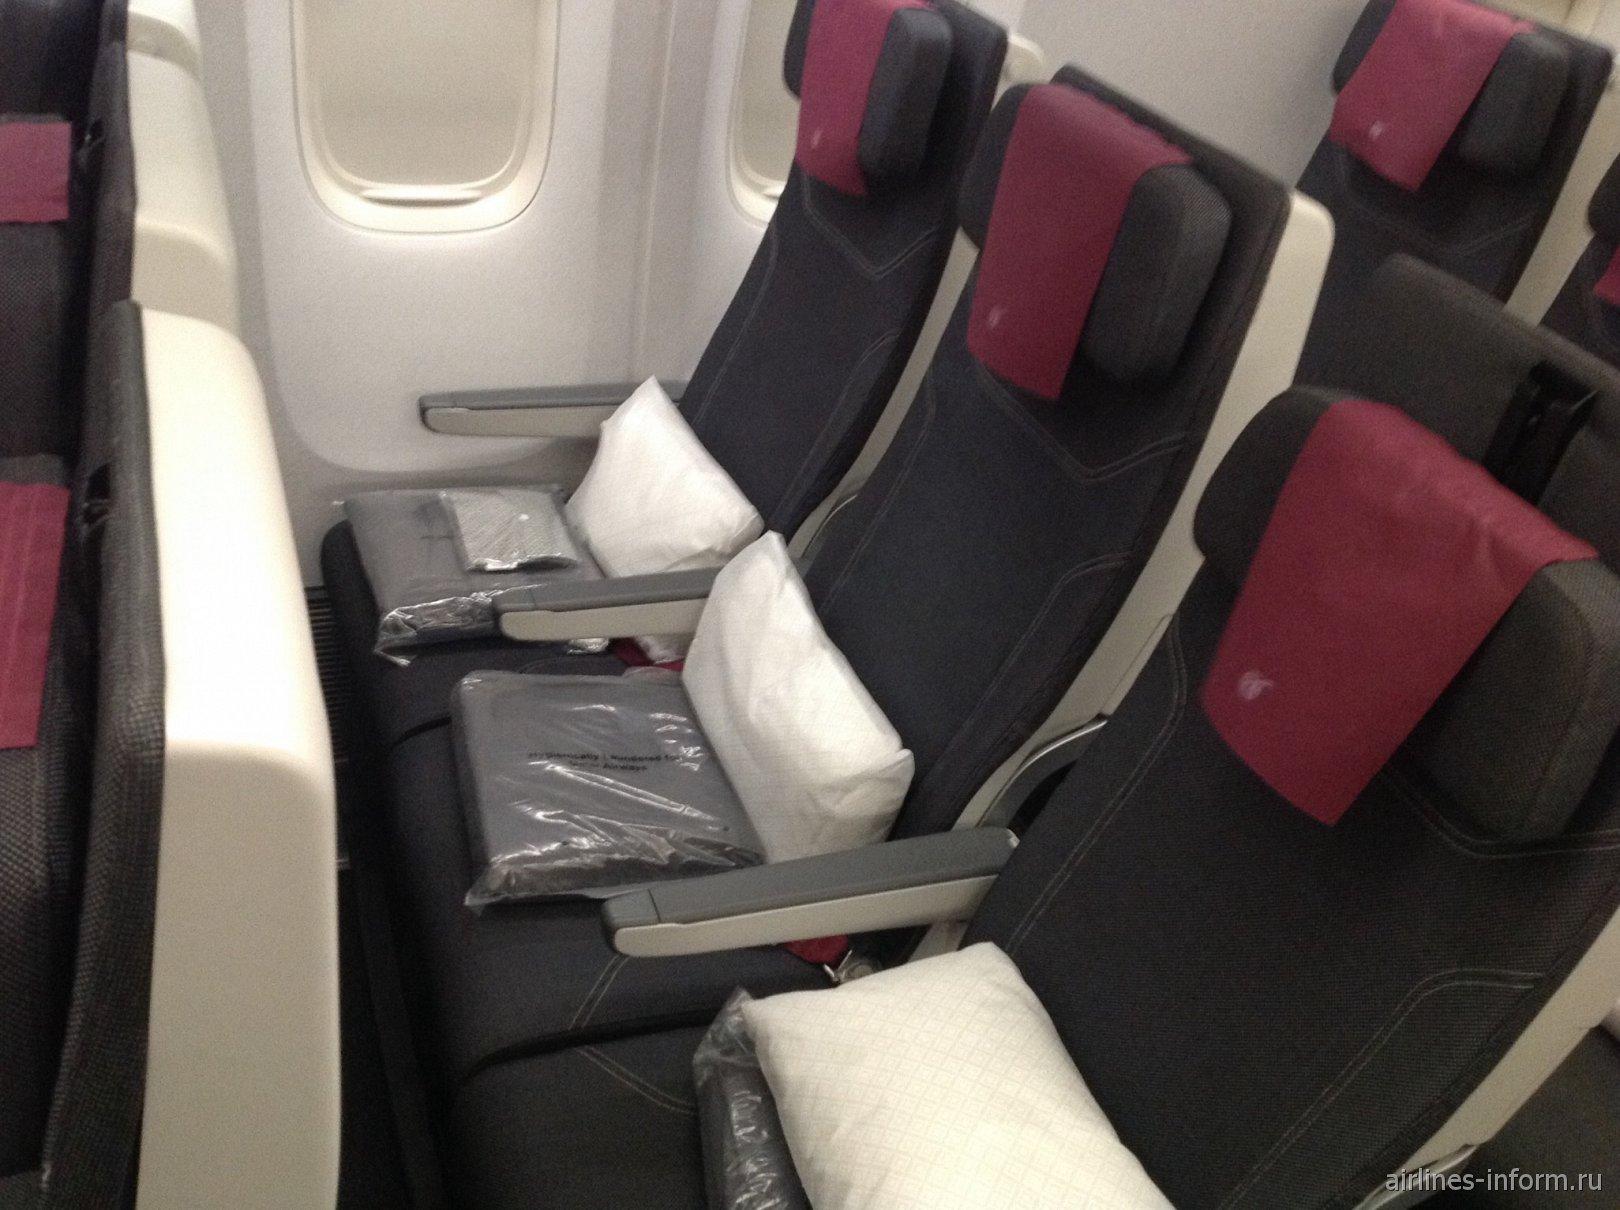 Пассажирские кресла эконом-класса в самолете Boeing 777-300ER Катарских авиалиний